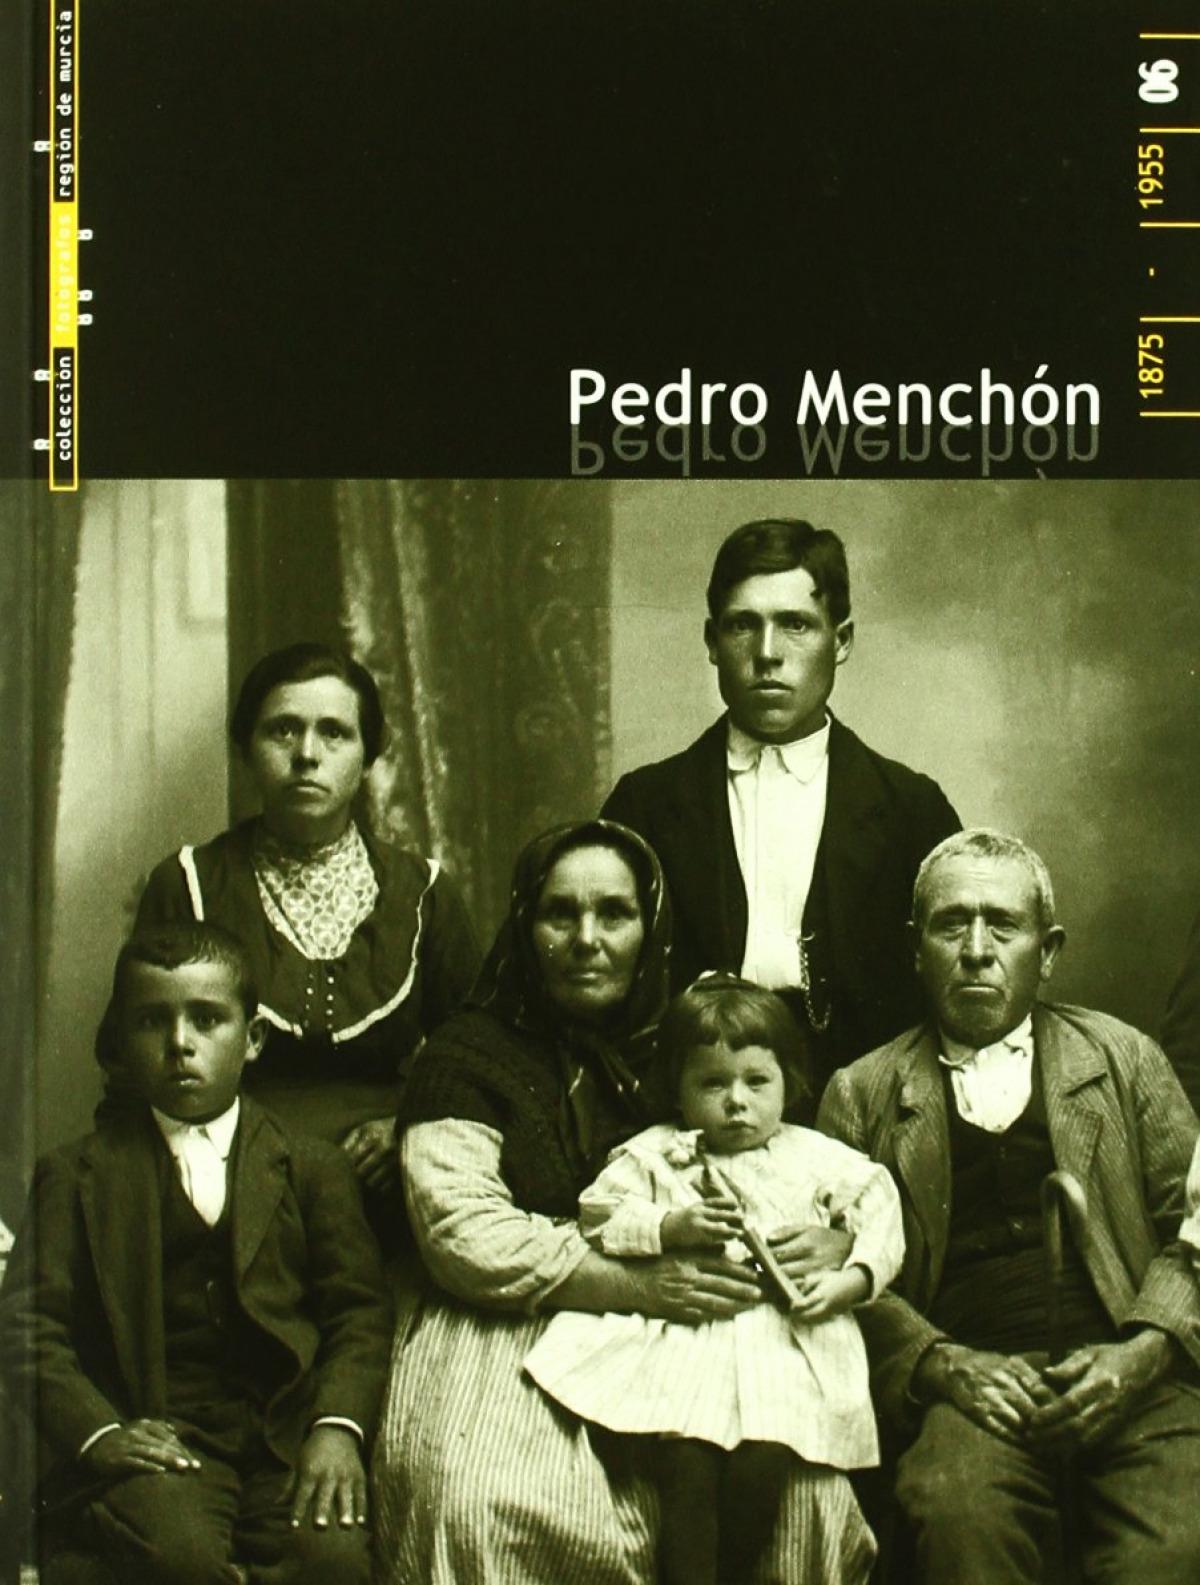 Pedro menchon